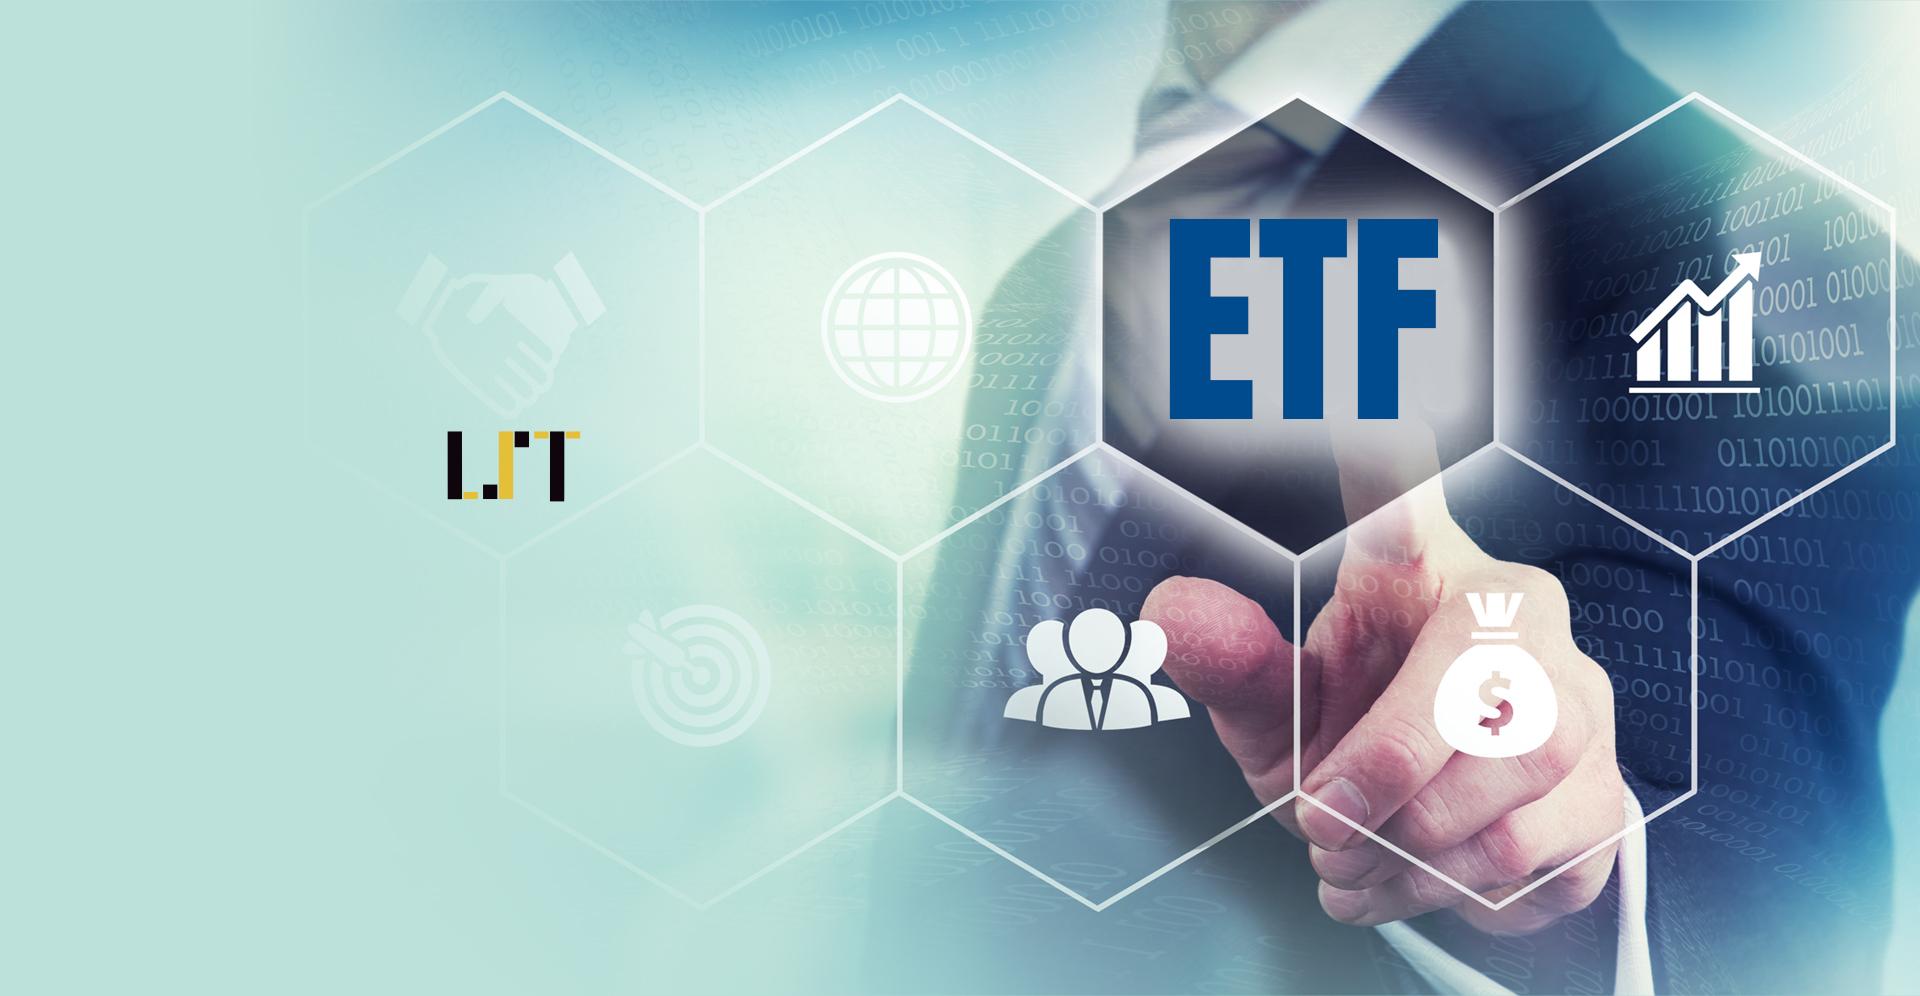 Ce este un ETF?